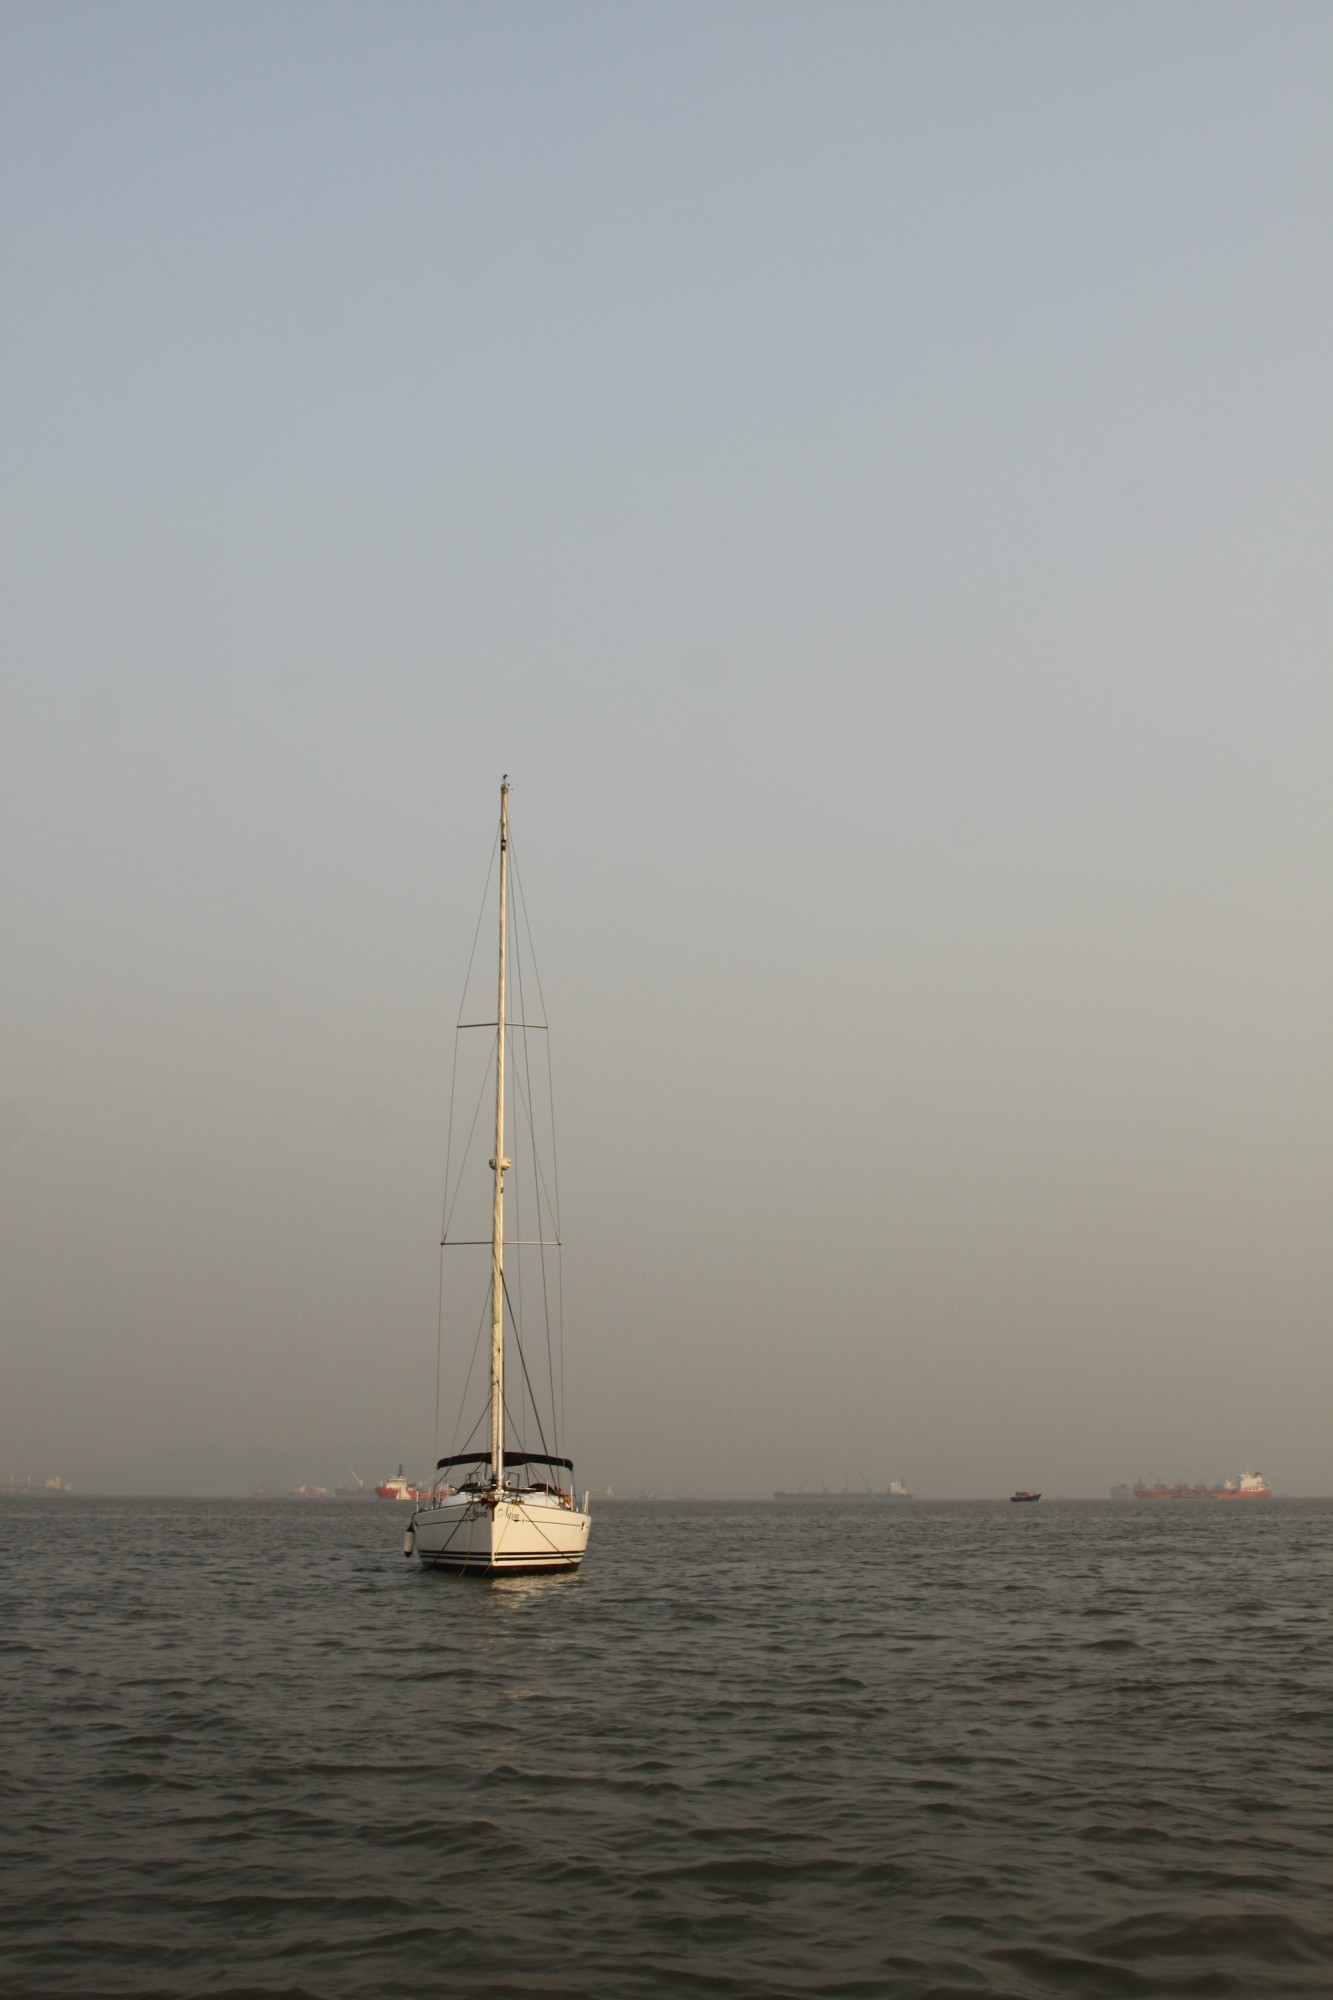 A Sailboat on the sea - Mumbai harbour